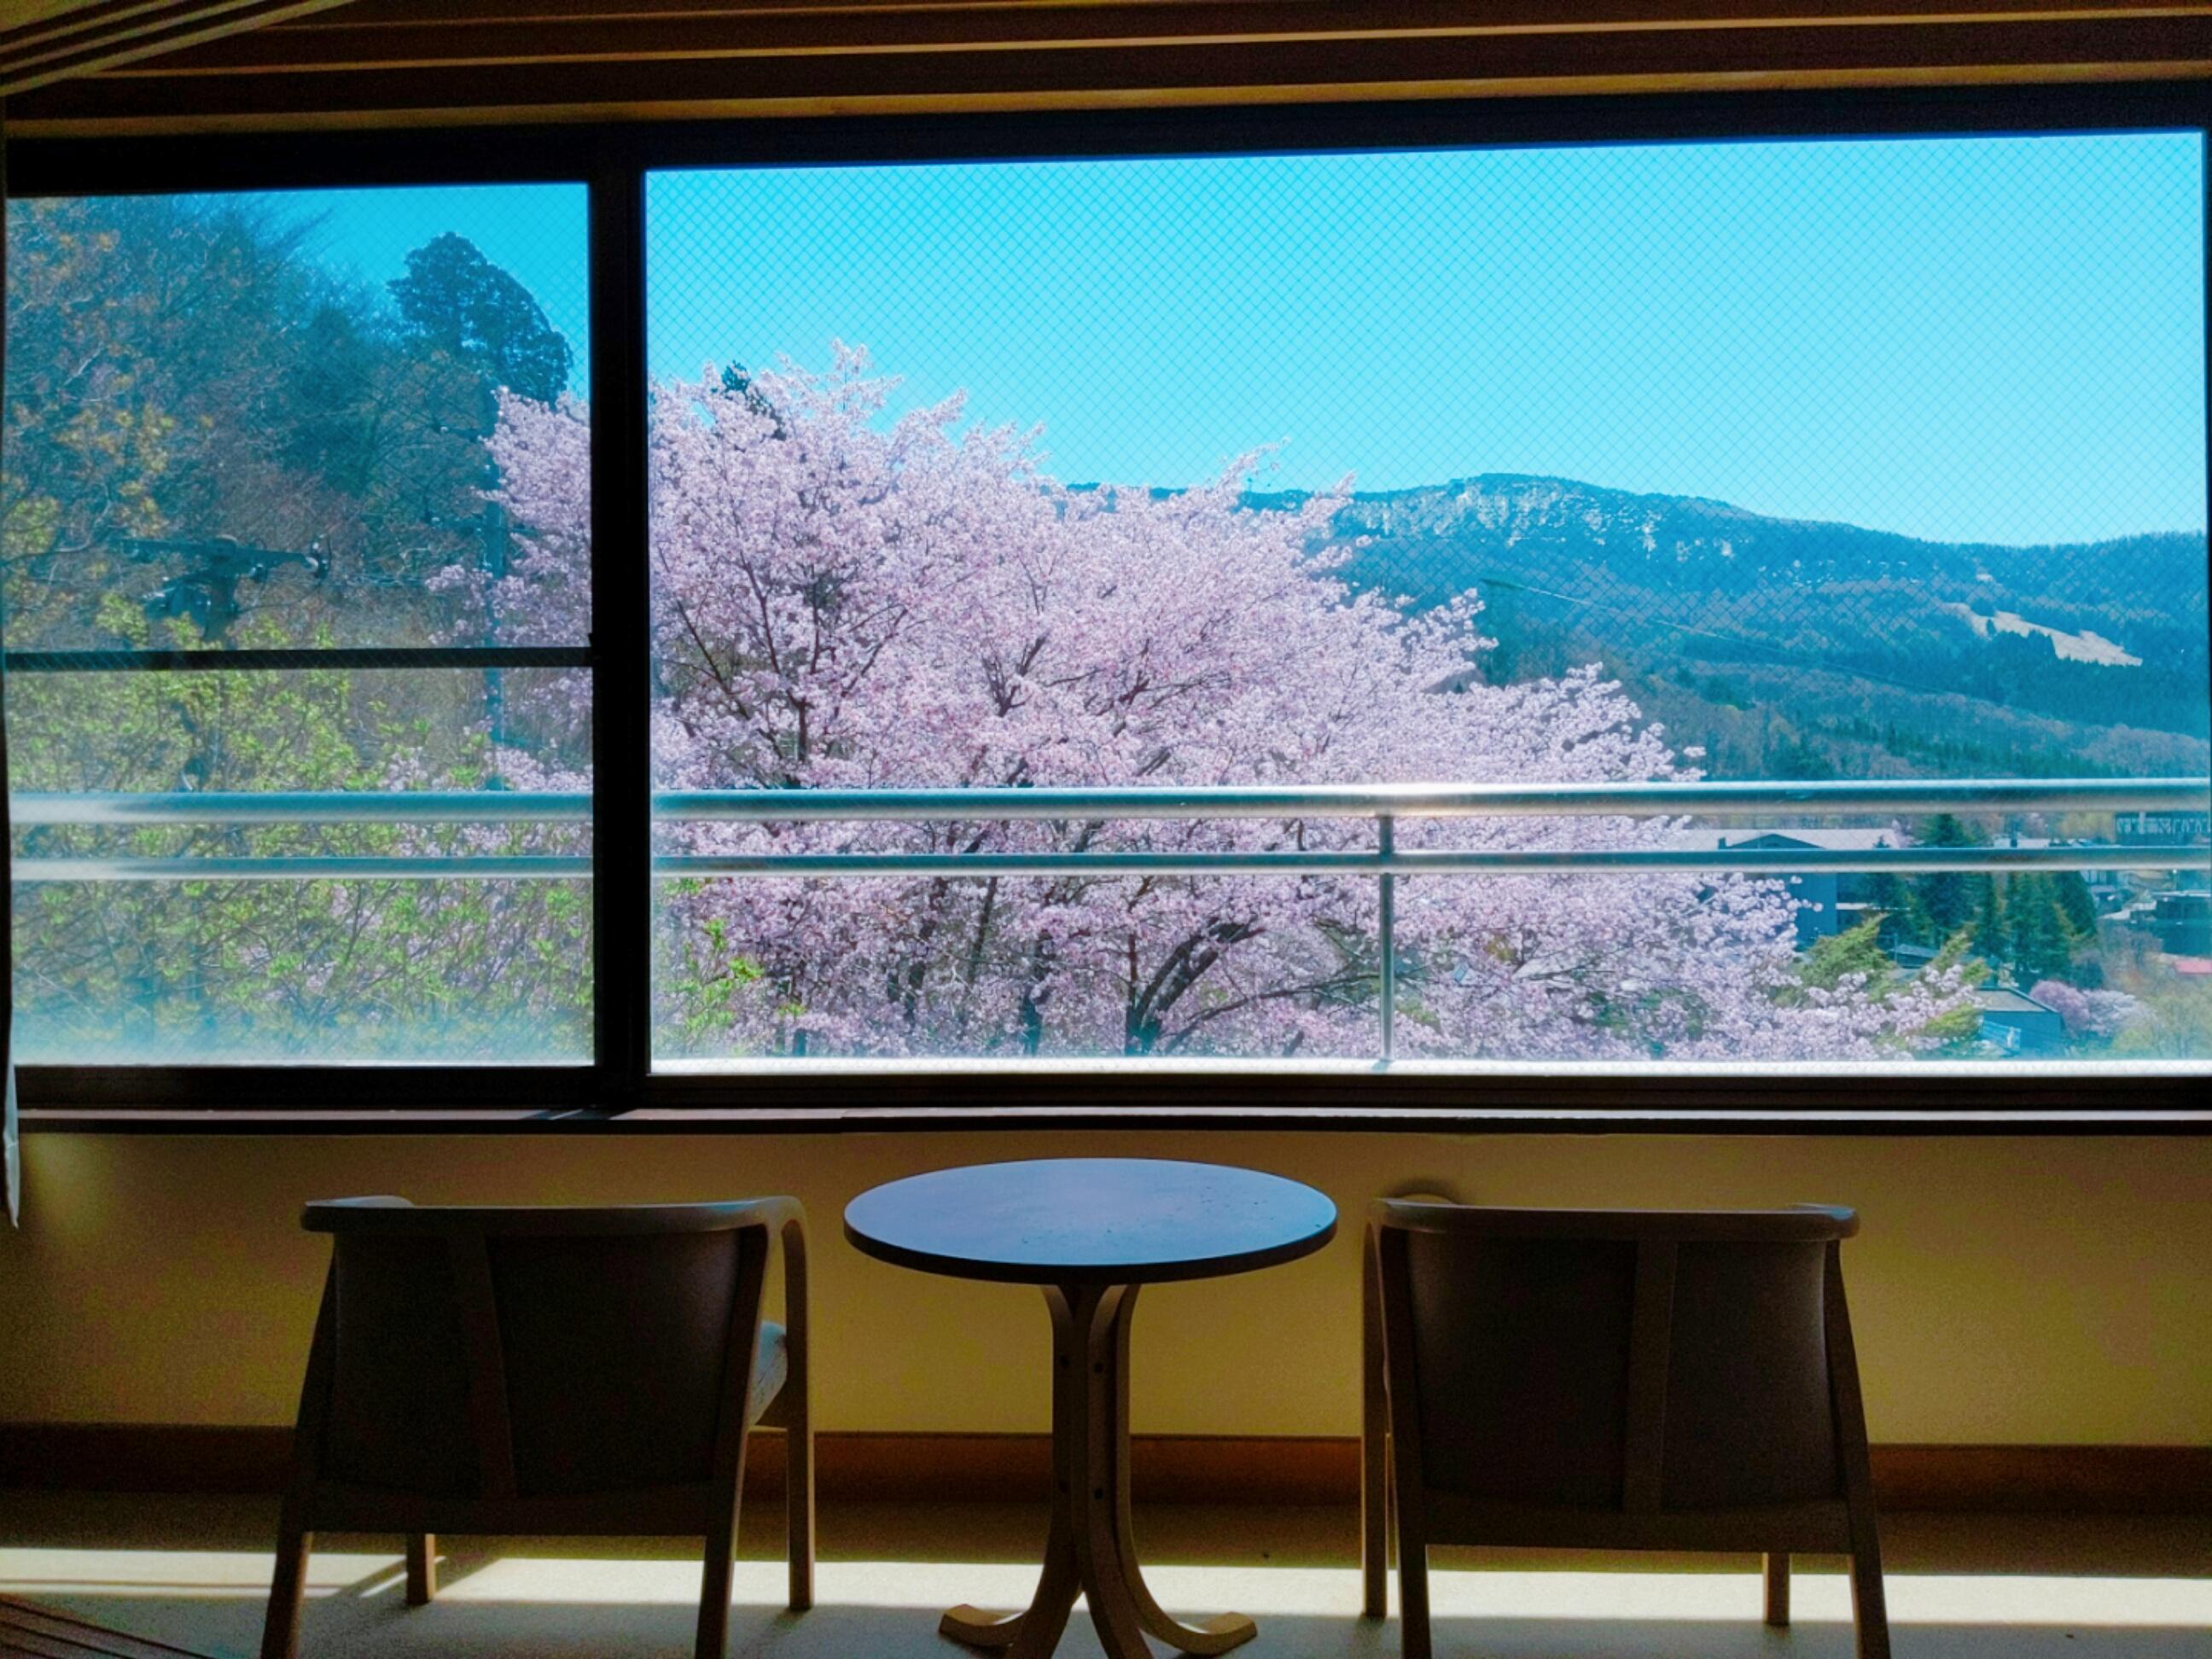 客室からの大山桜大山桜